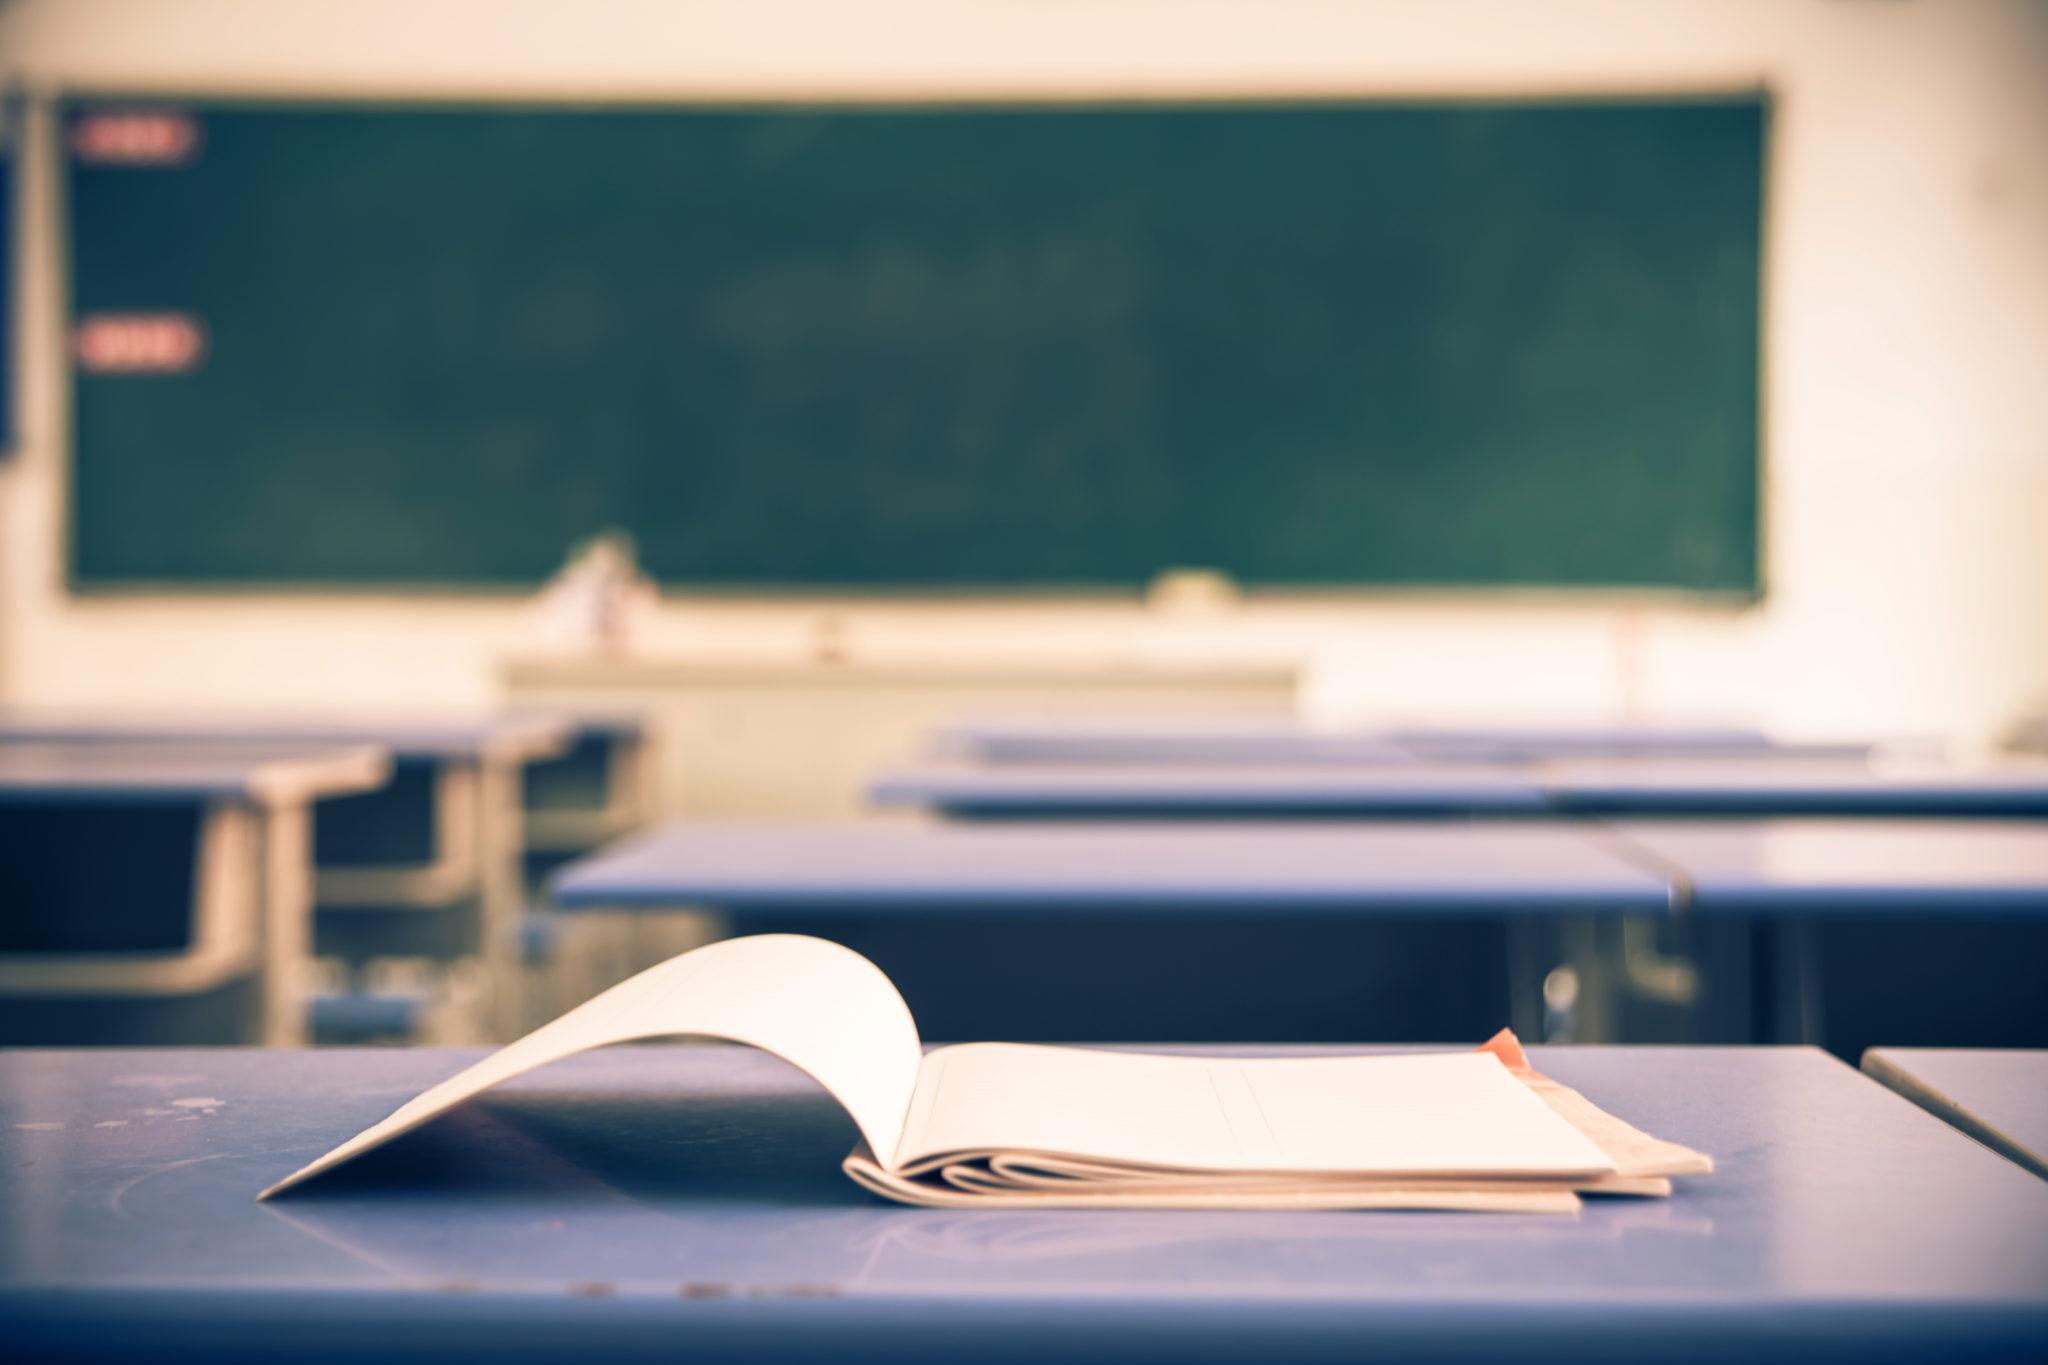 Distribución del Currículum Vitae a colegios a través de formularios, distribuir tu currículum, distribución del currículum a través de formularios, envío del currículum, enviar el currículum a los colegios, mandar el currículum a los colegios, cvexpres